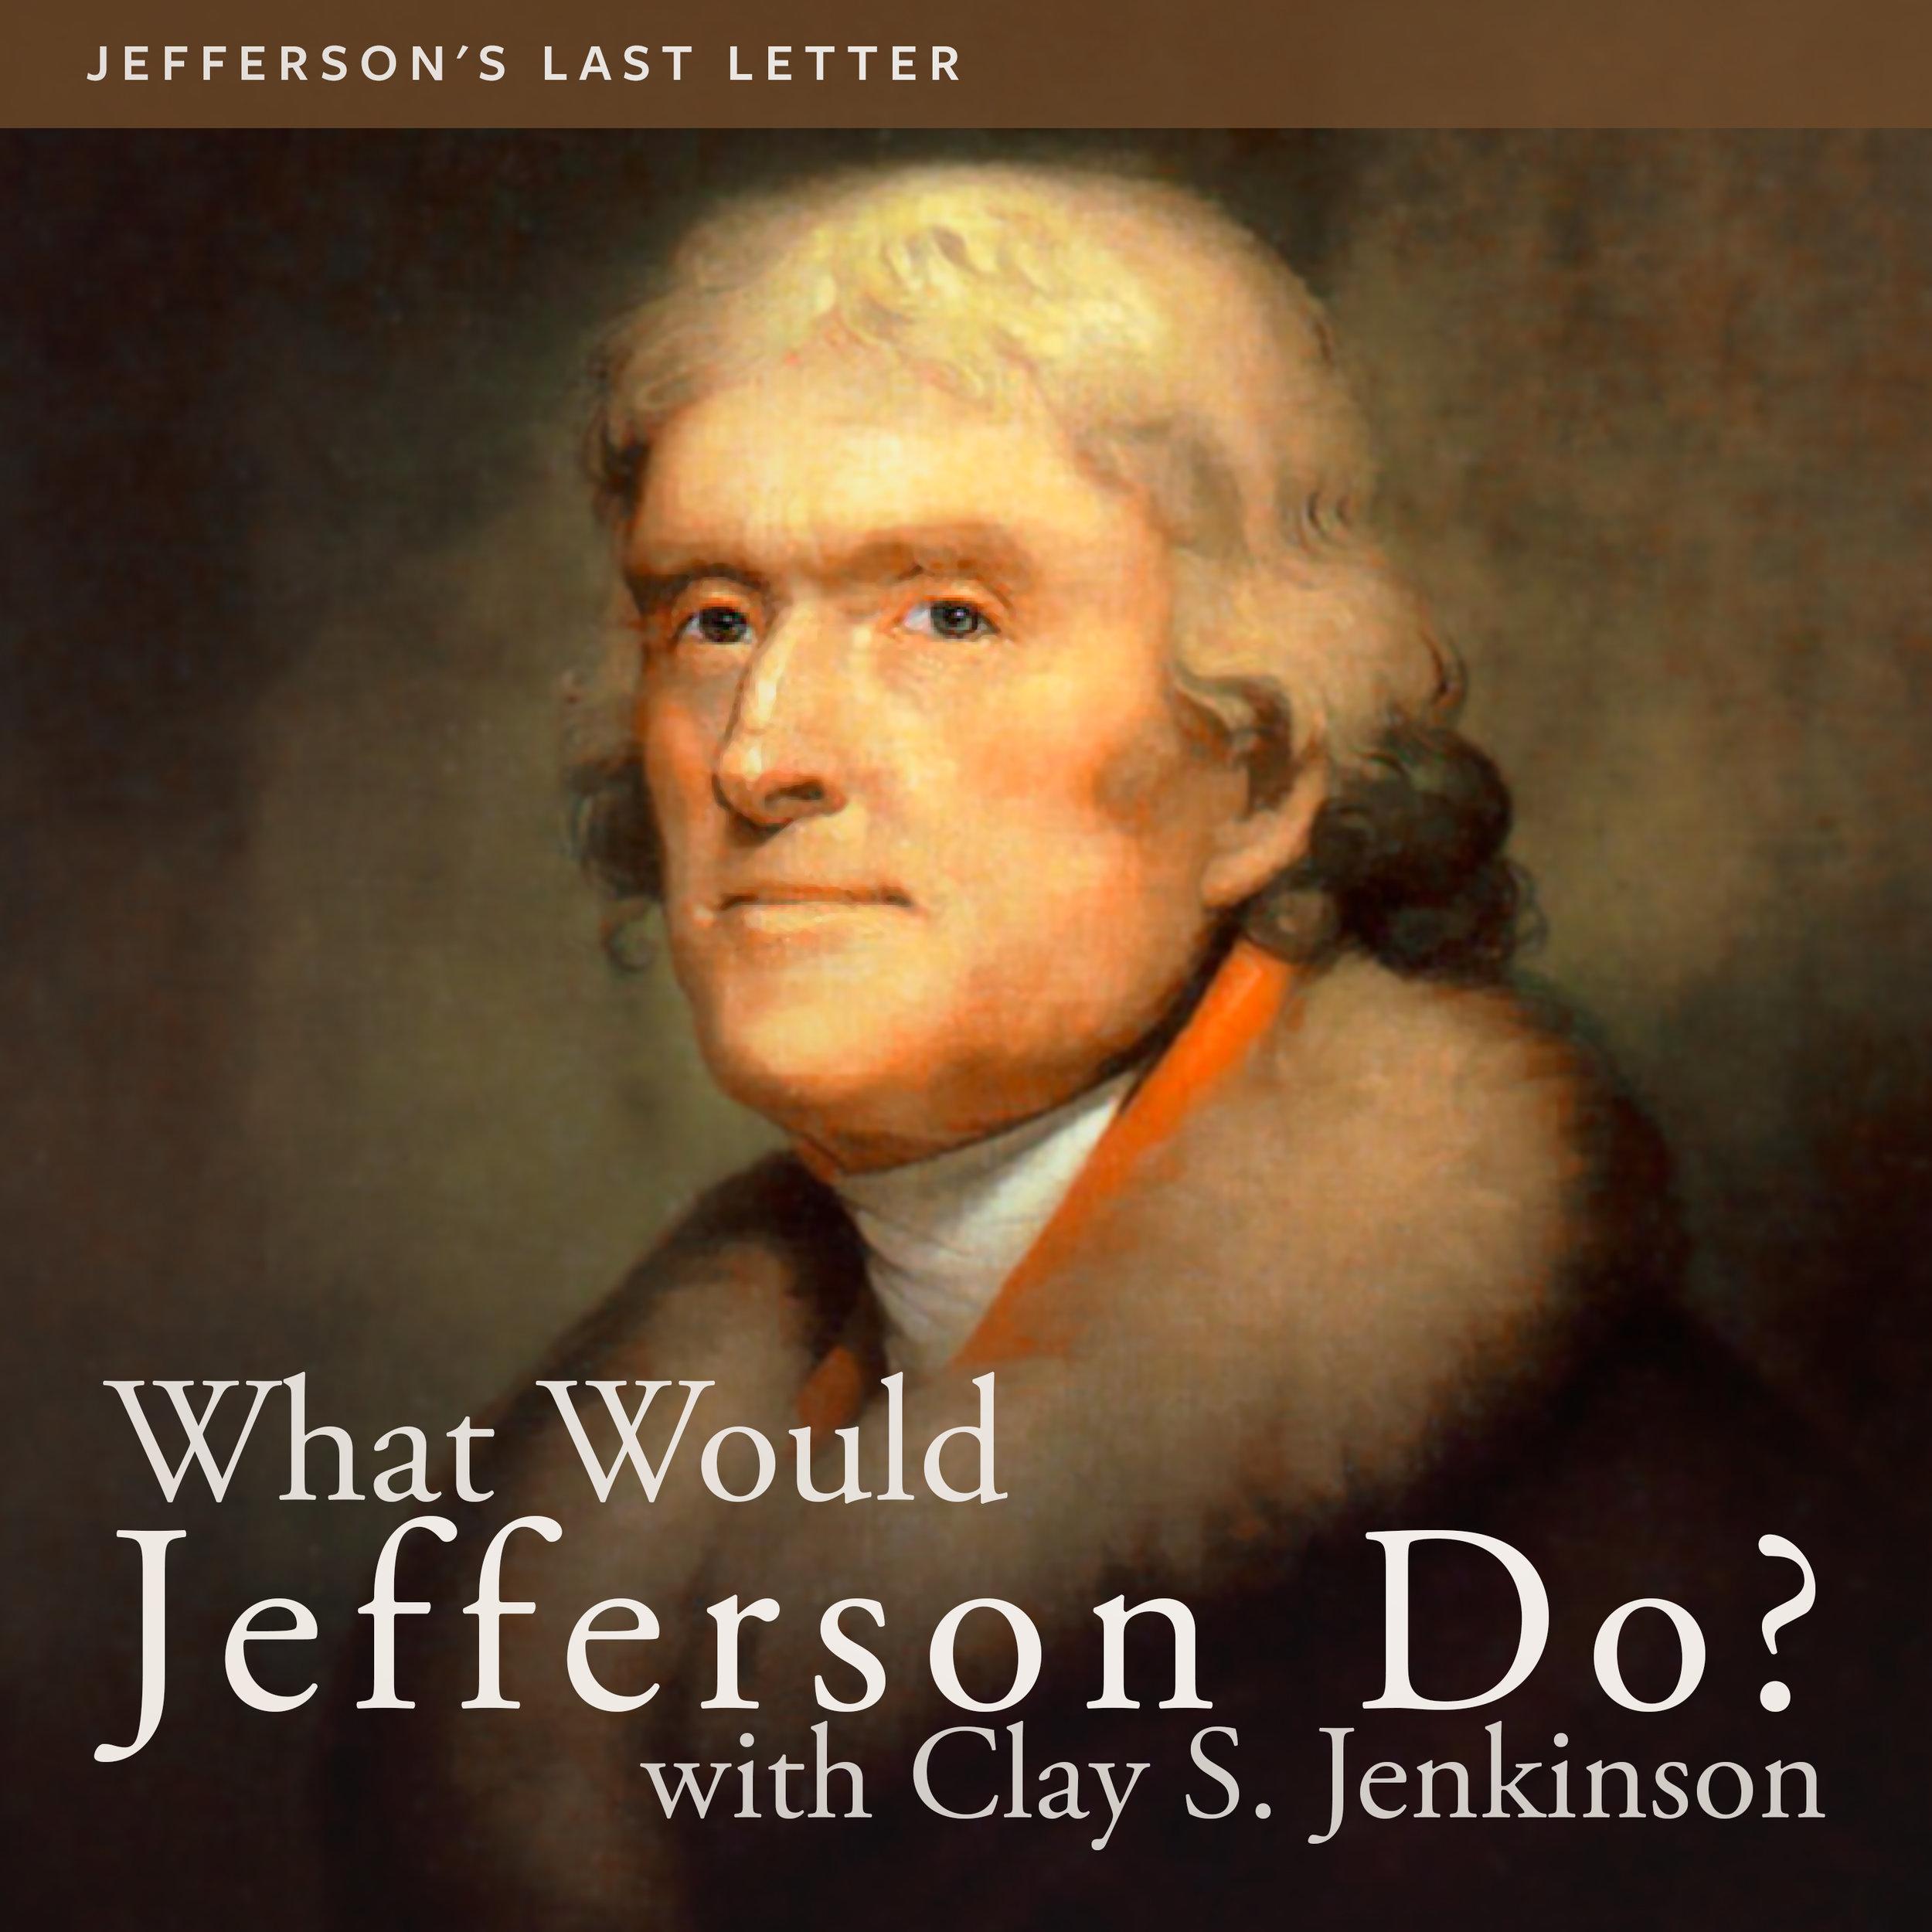 WWTJD_1348 Jefferson's Last Letter.jpg